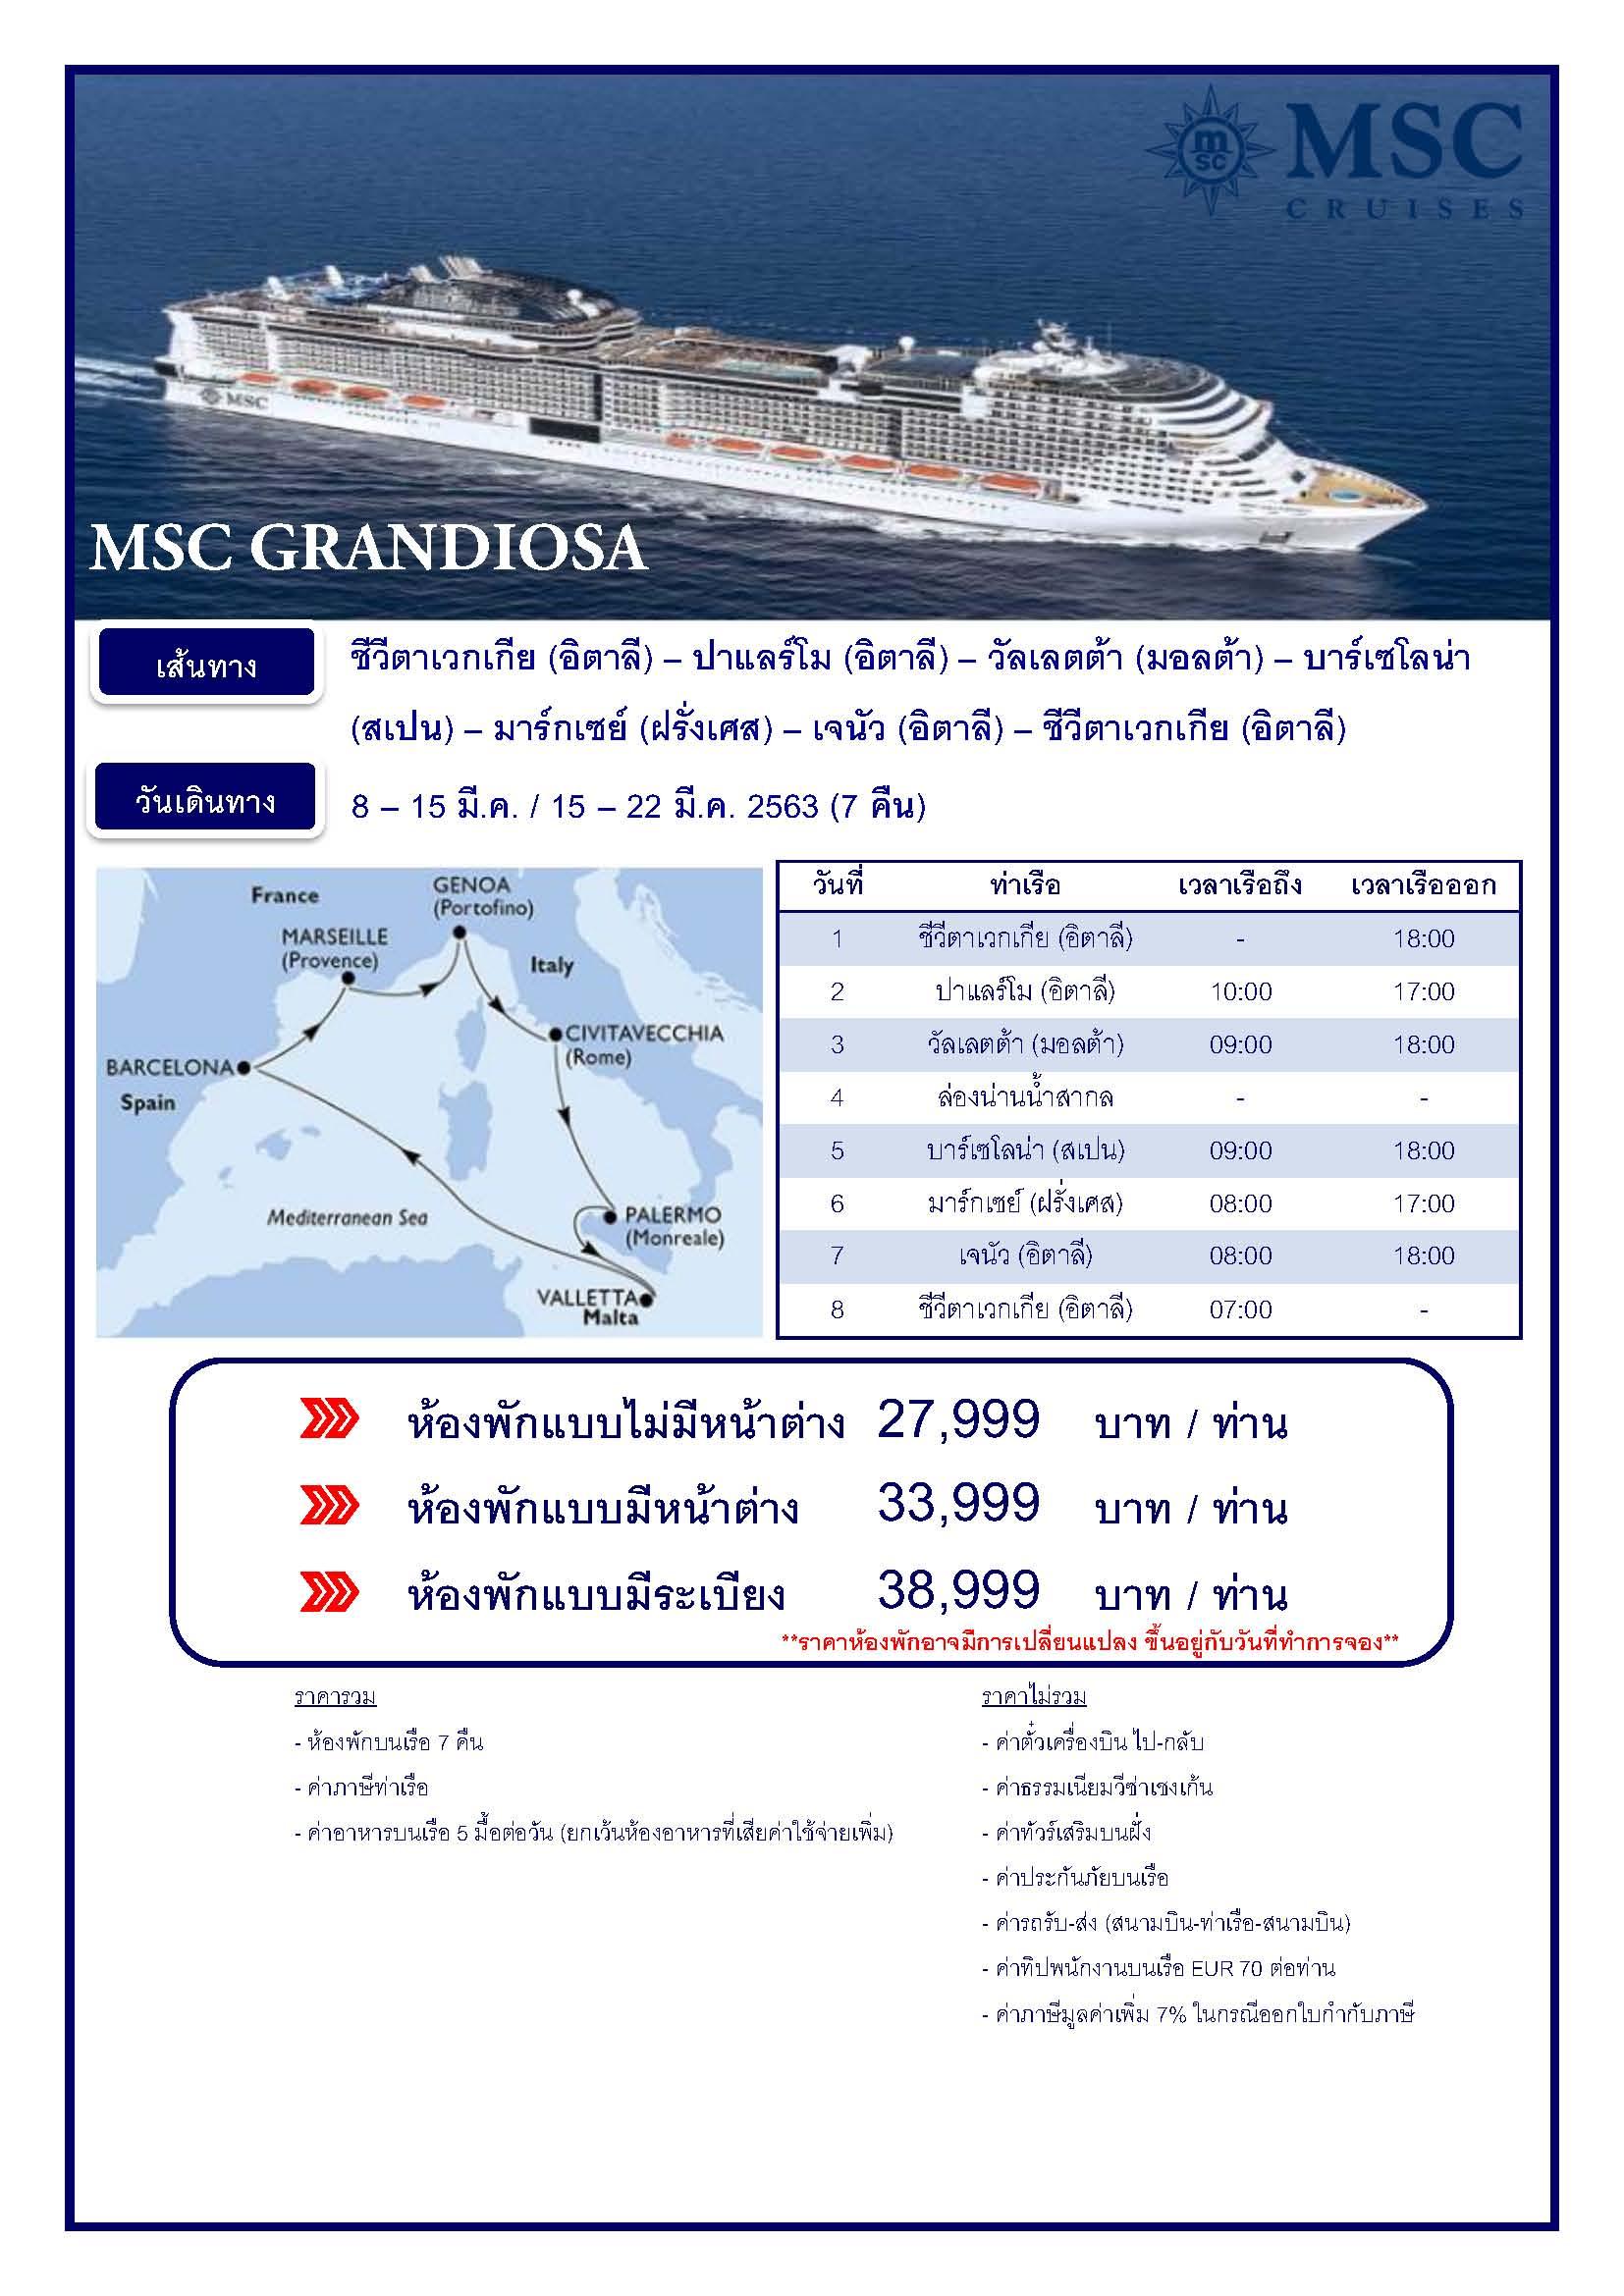 ทัวร์ล่องเรือ-MSC-GRANDIOSA-7N-(MAR20)(GRIJH-0308)